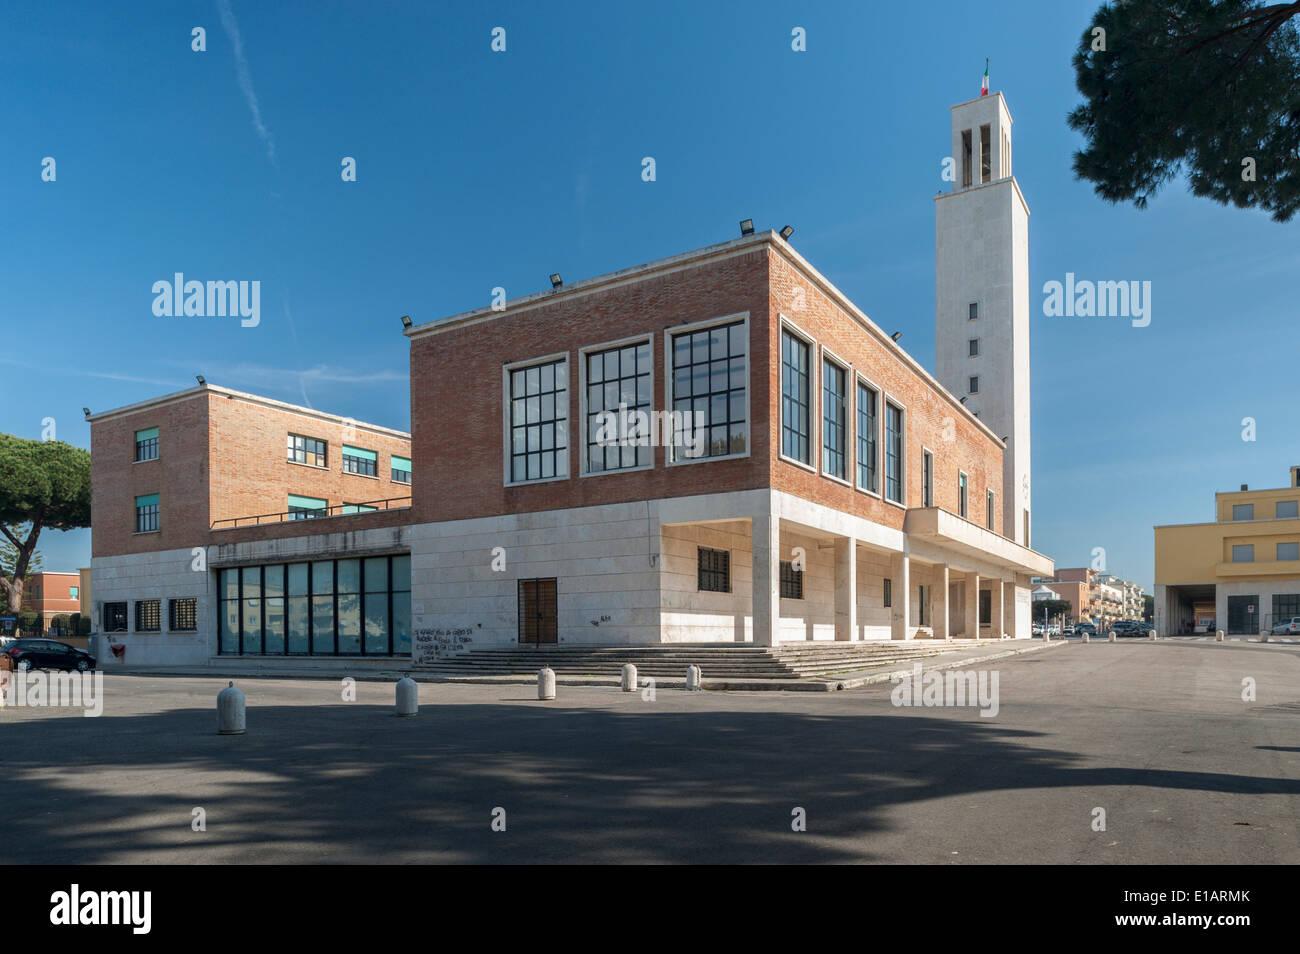 Il municipio con la sua torre, architettura monumentale, Razionalismo italiano, Sabaudia, Lazio, Italia Immagini Stock